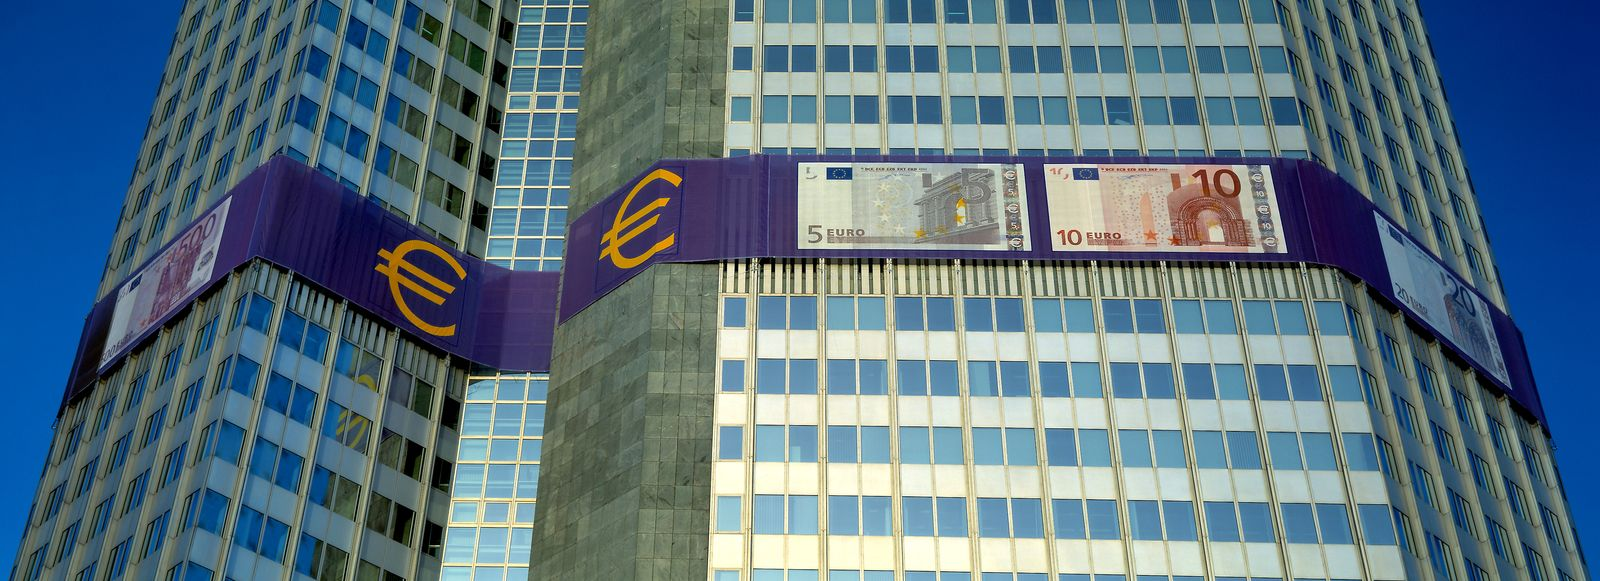 NICHT MEHR VERWENDEN! - für mmo-Themenseite: EZB / Europäische Zentralbank